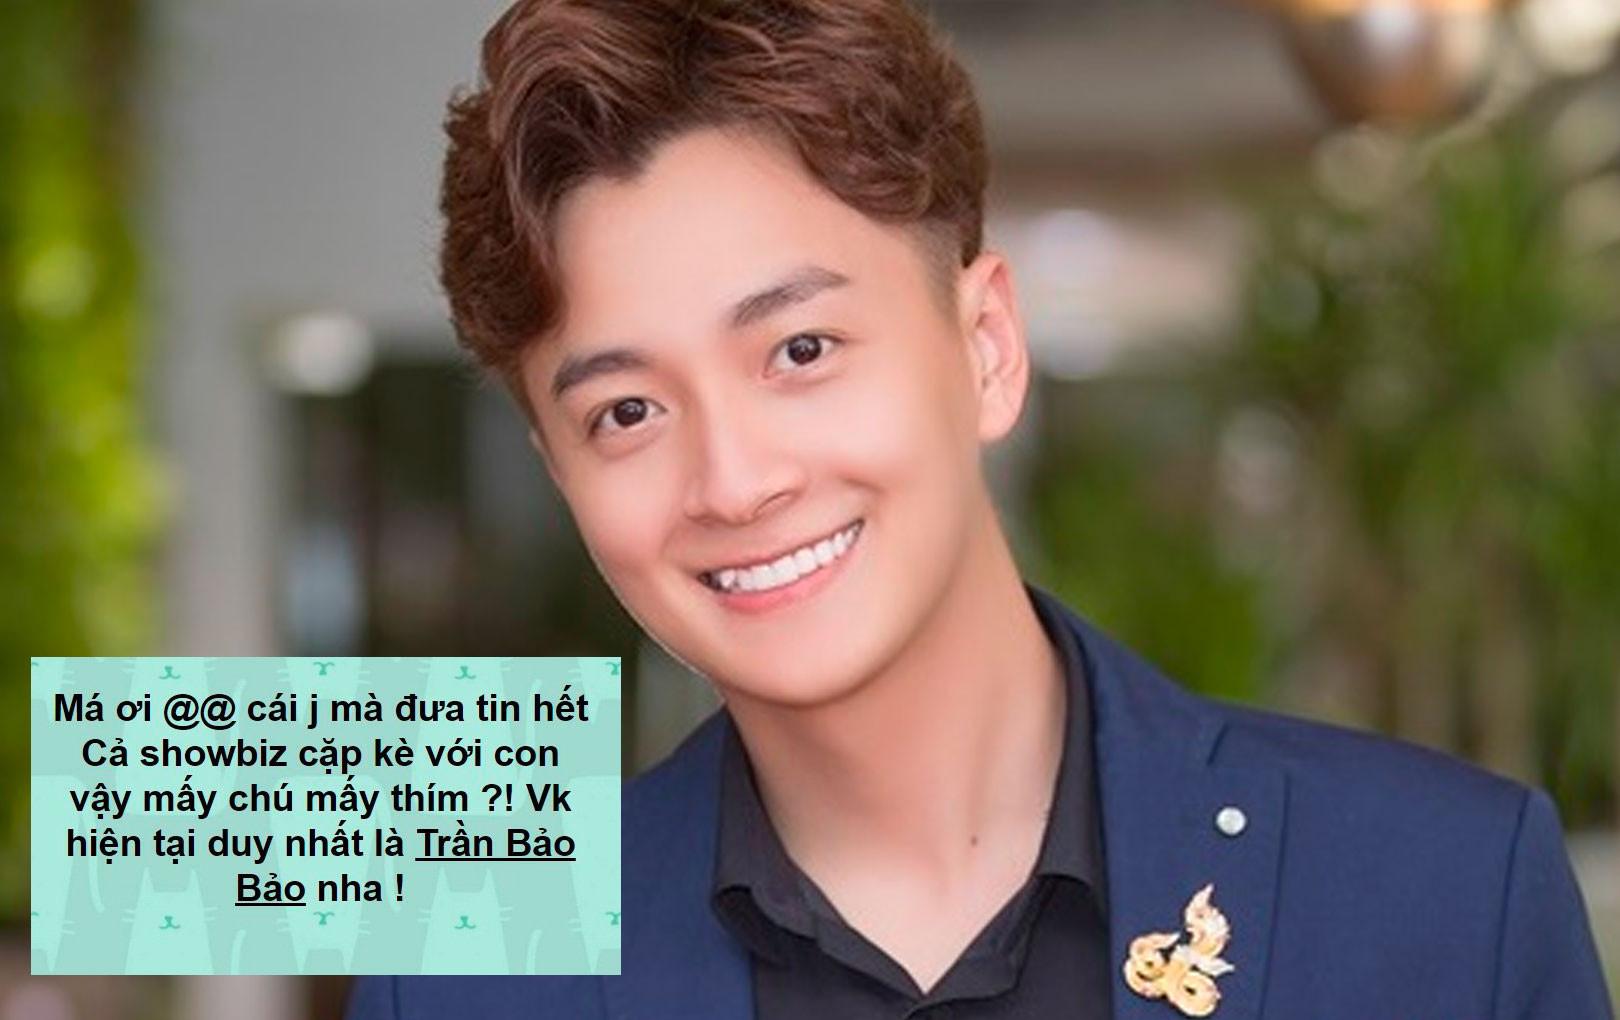 Giữa tin đồn hẹn hò với tình mới, Ngô Kiến Huy lên tiếng công khai vợ hiện tại chỉ có BB Trần